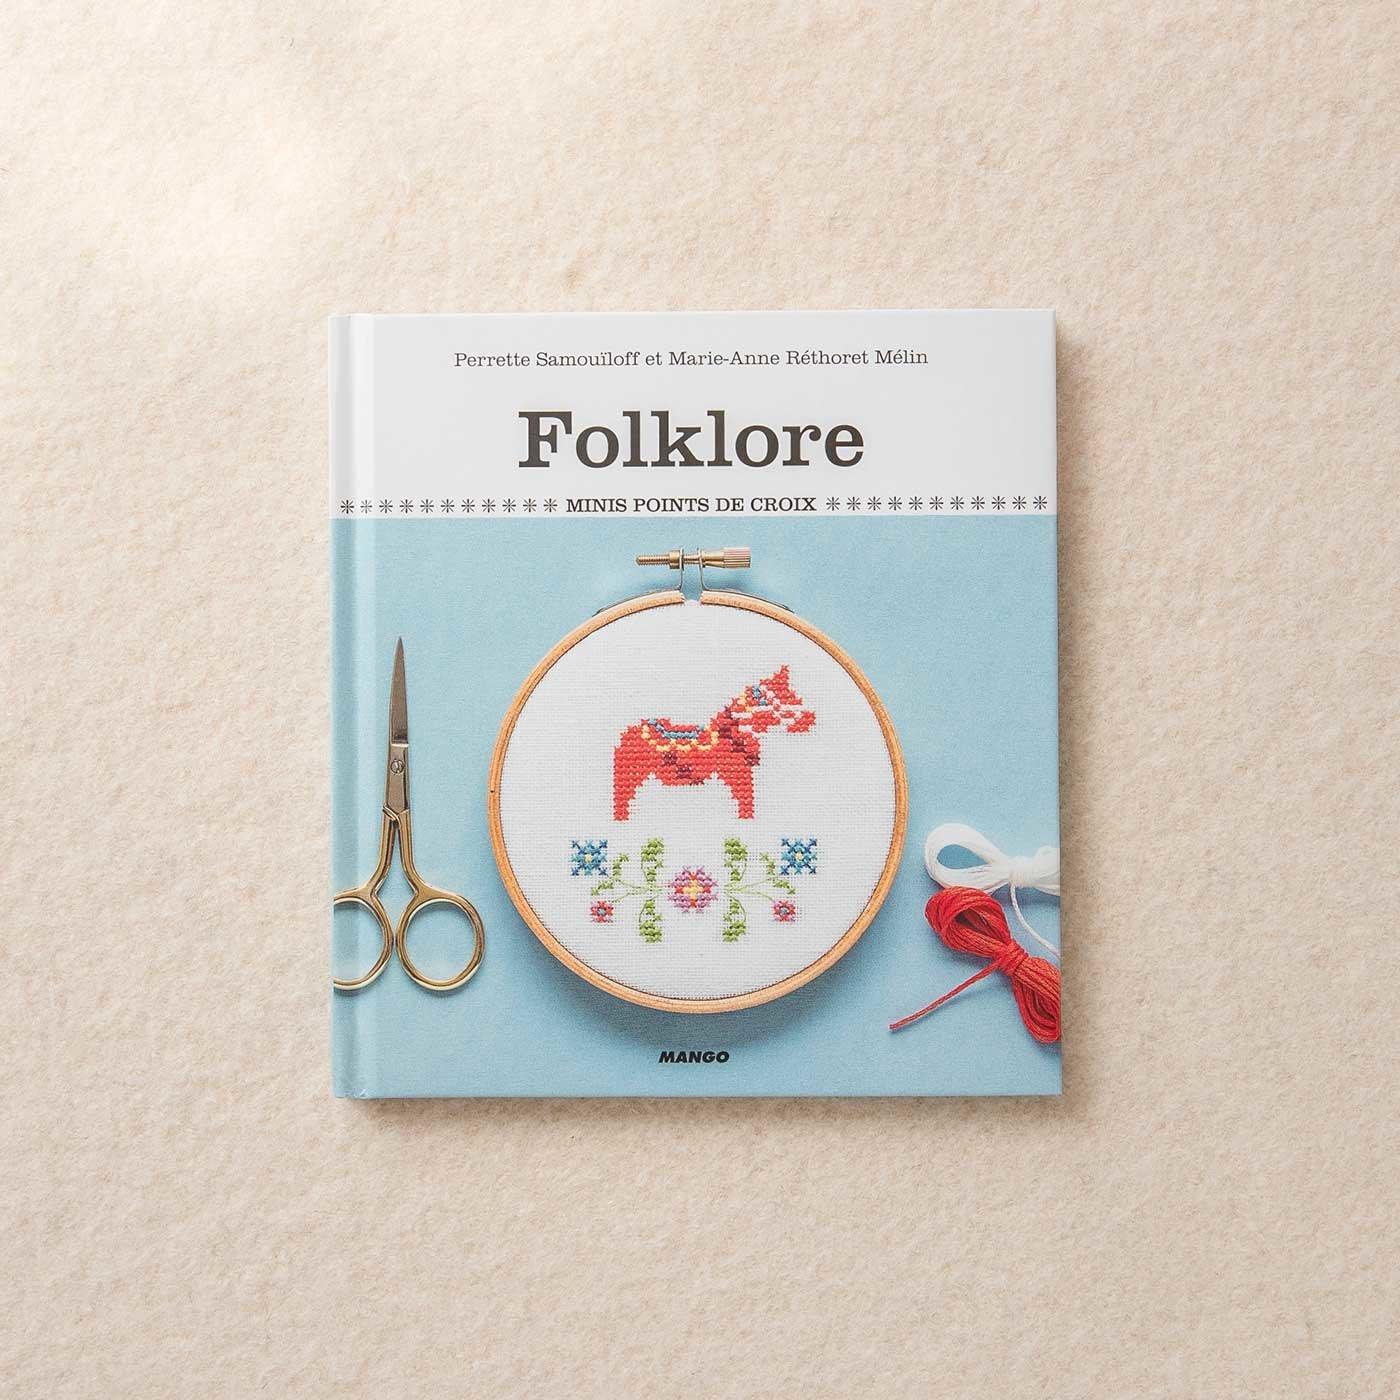 ワンポイント刺しゅうにおすすめ『Folklore』~フォークロア~刺しゅう図案集